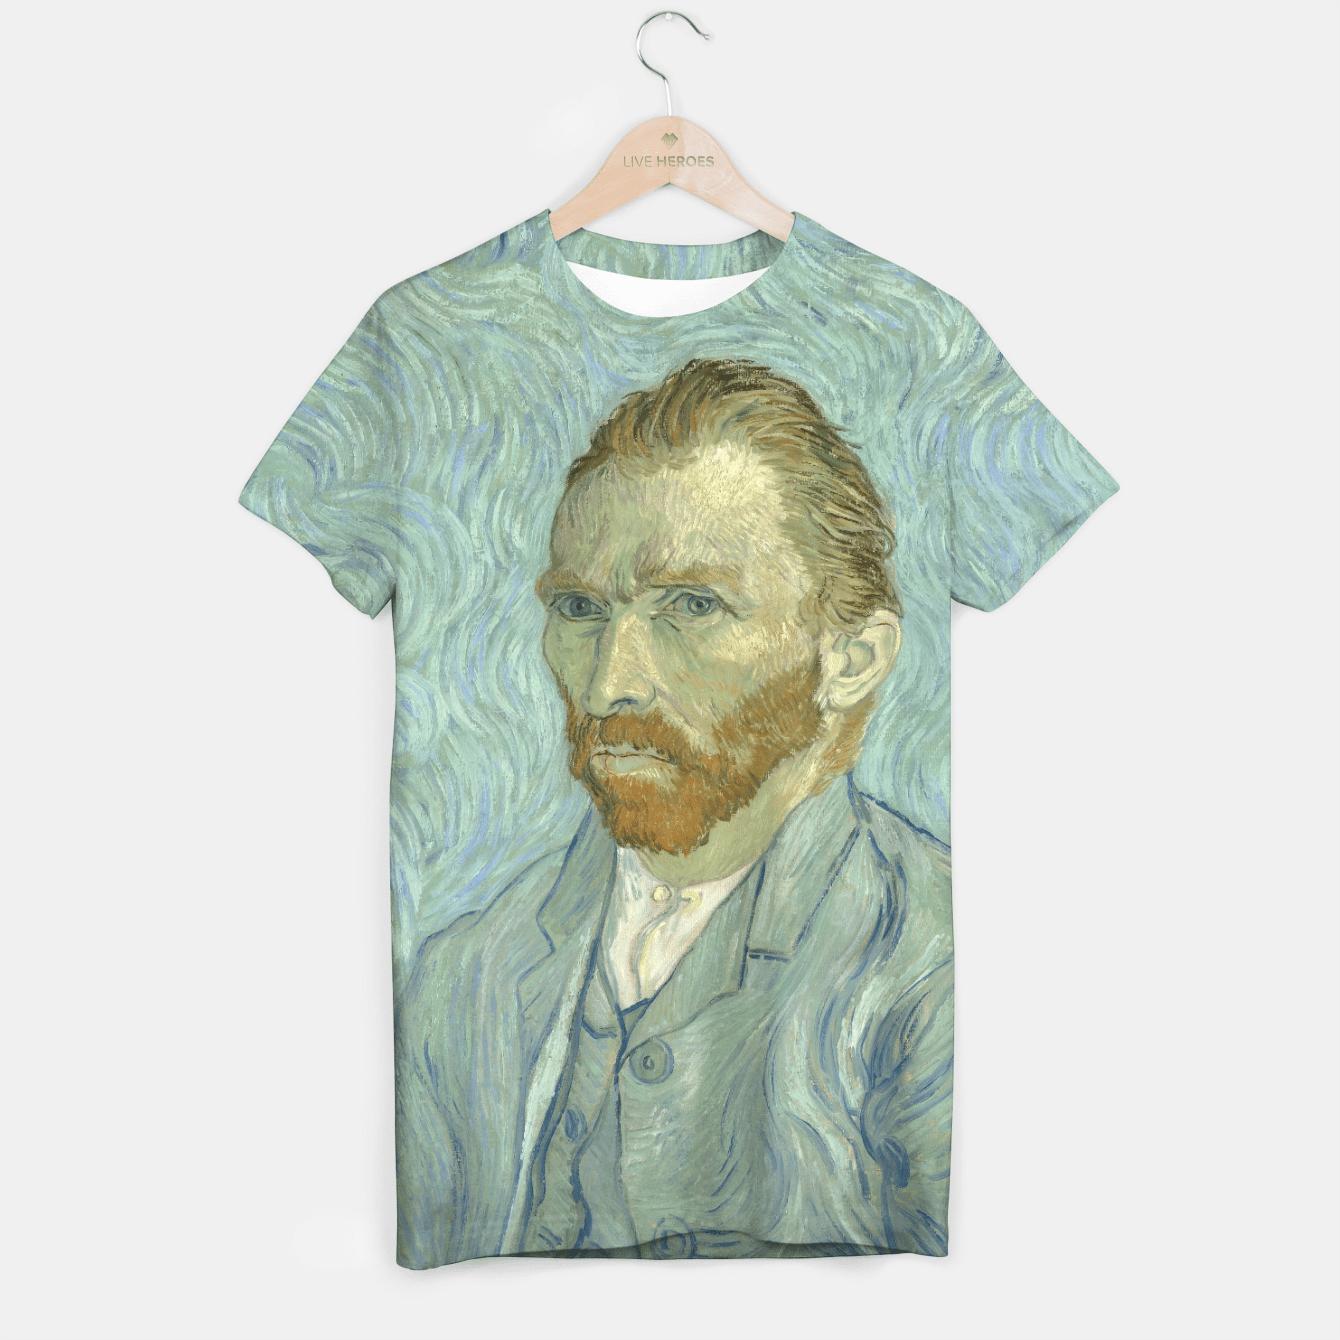 SELF PORTRAiT BY ViNCENT VAN GOGH T-shirt, Live Heroes